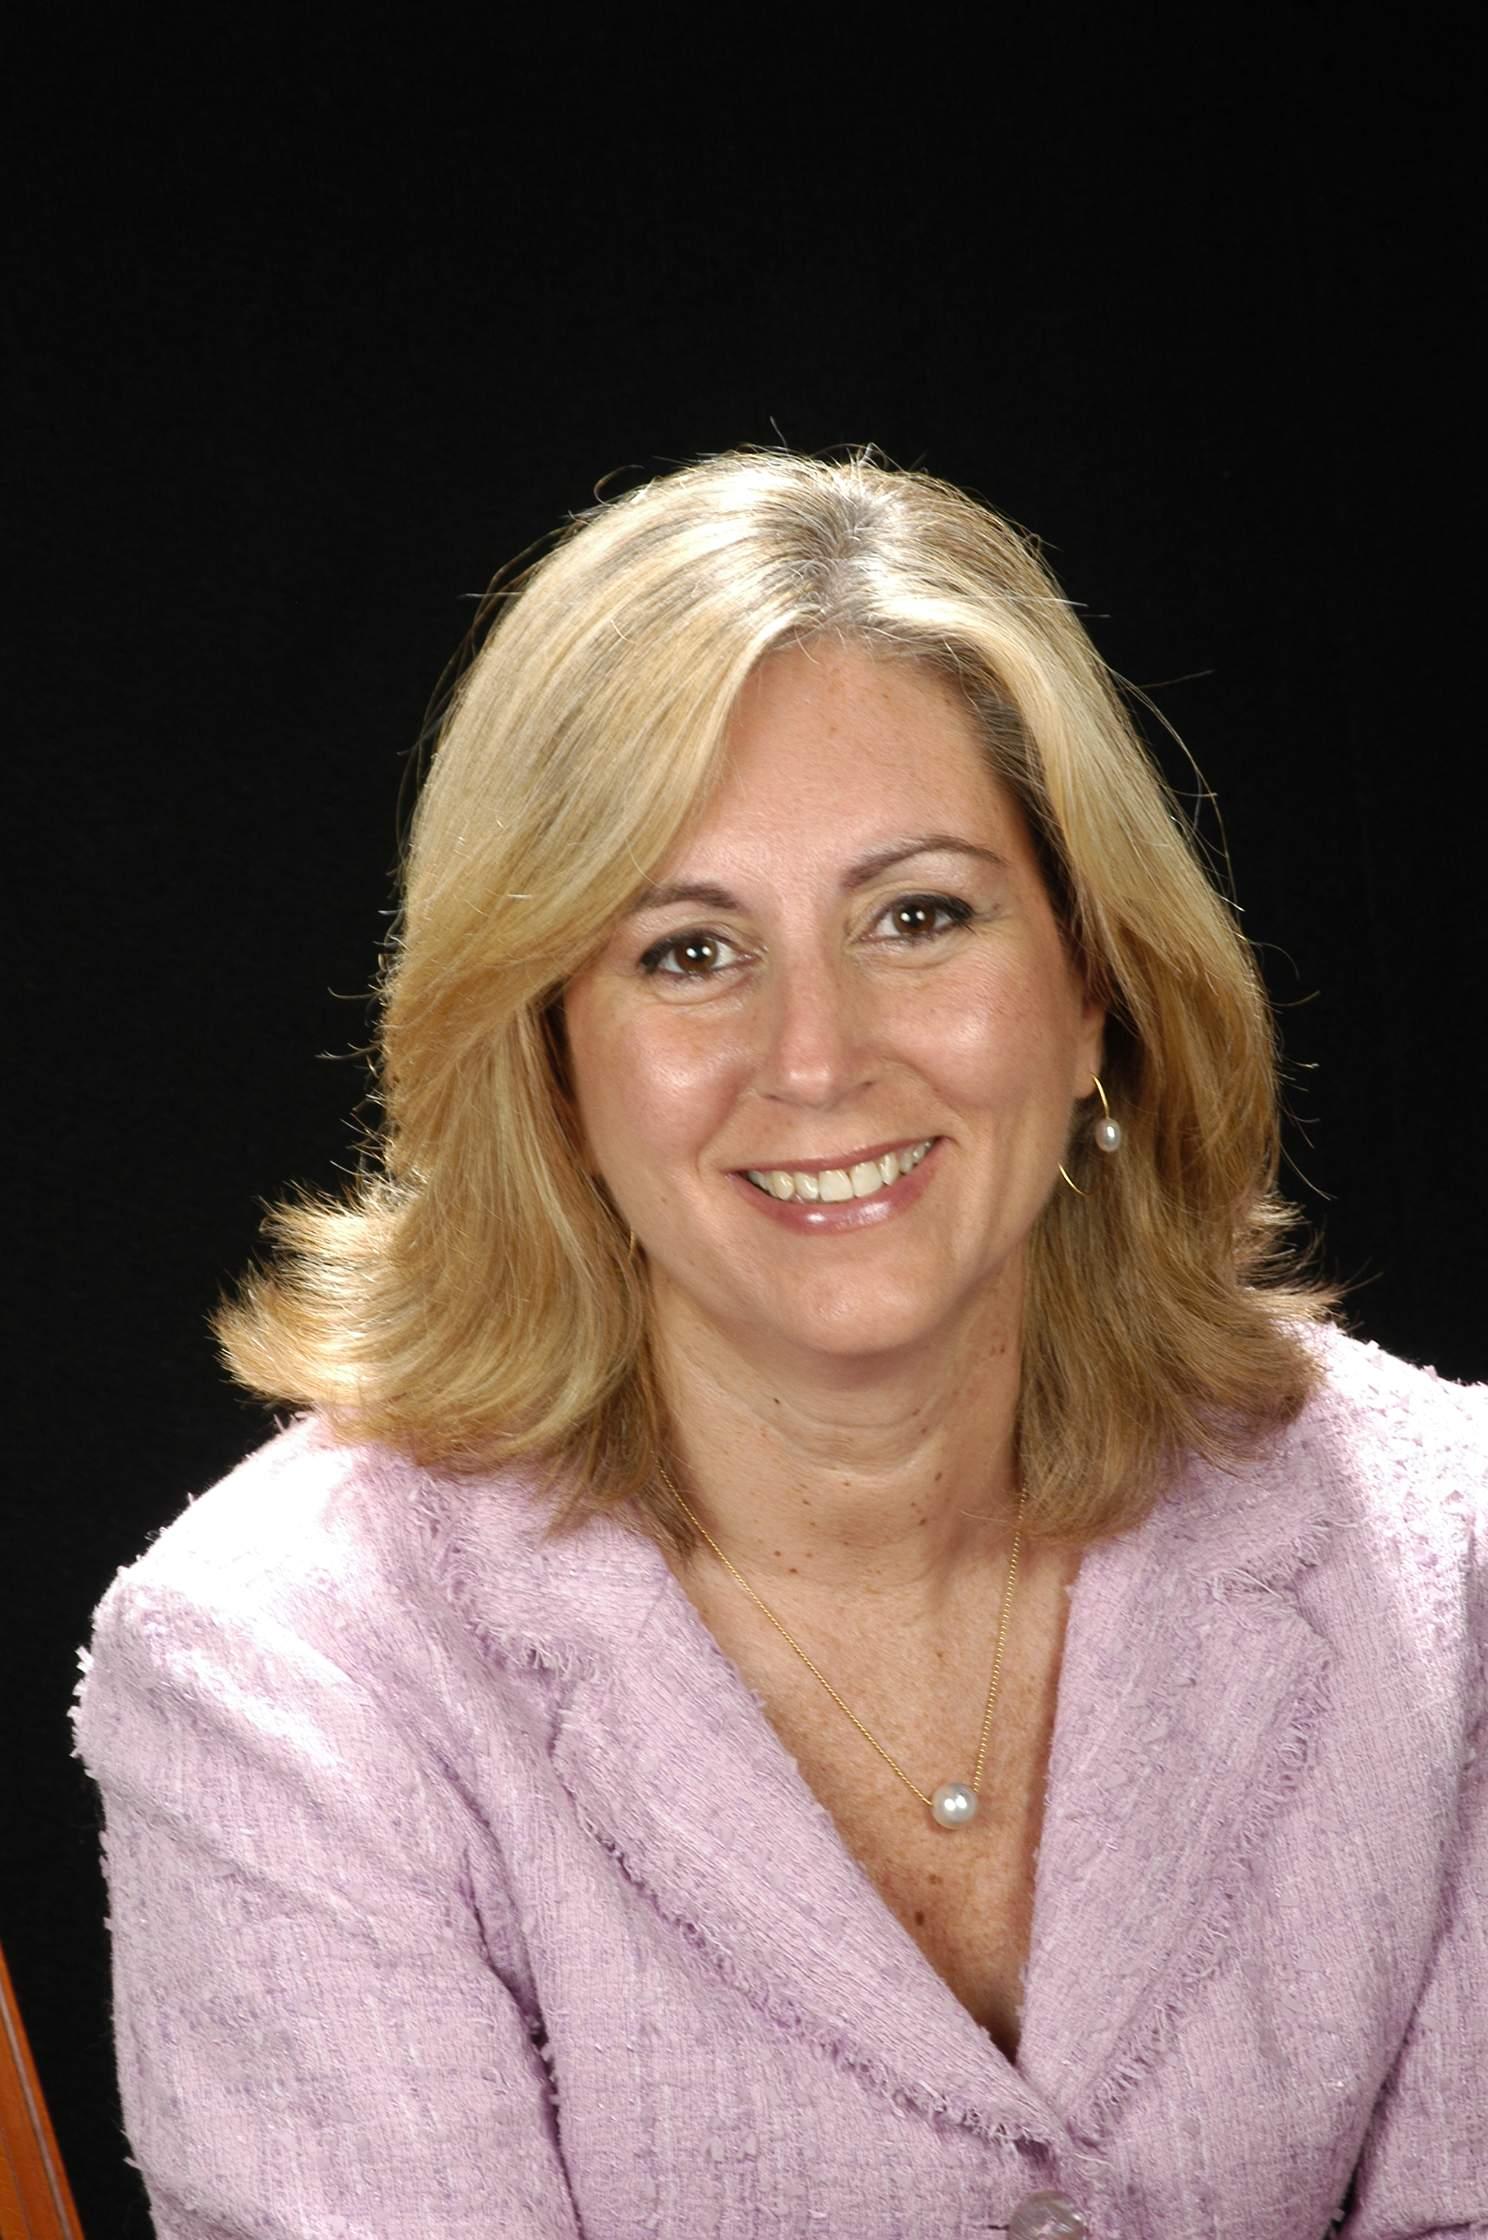 Sra. Teresa Bassons Boncompte